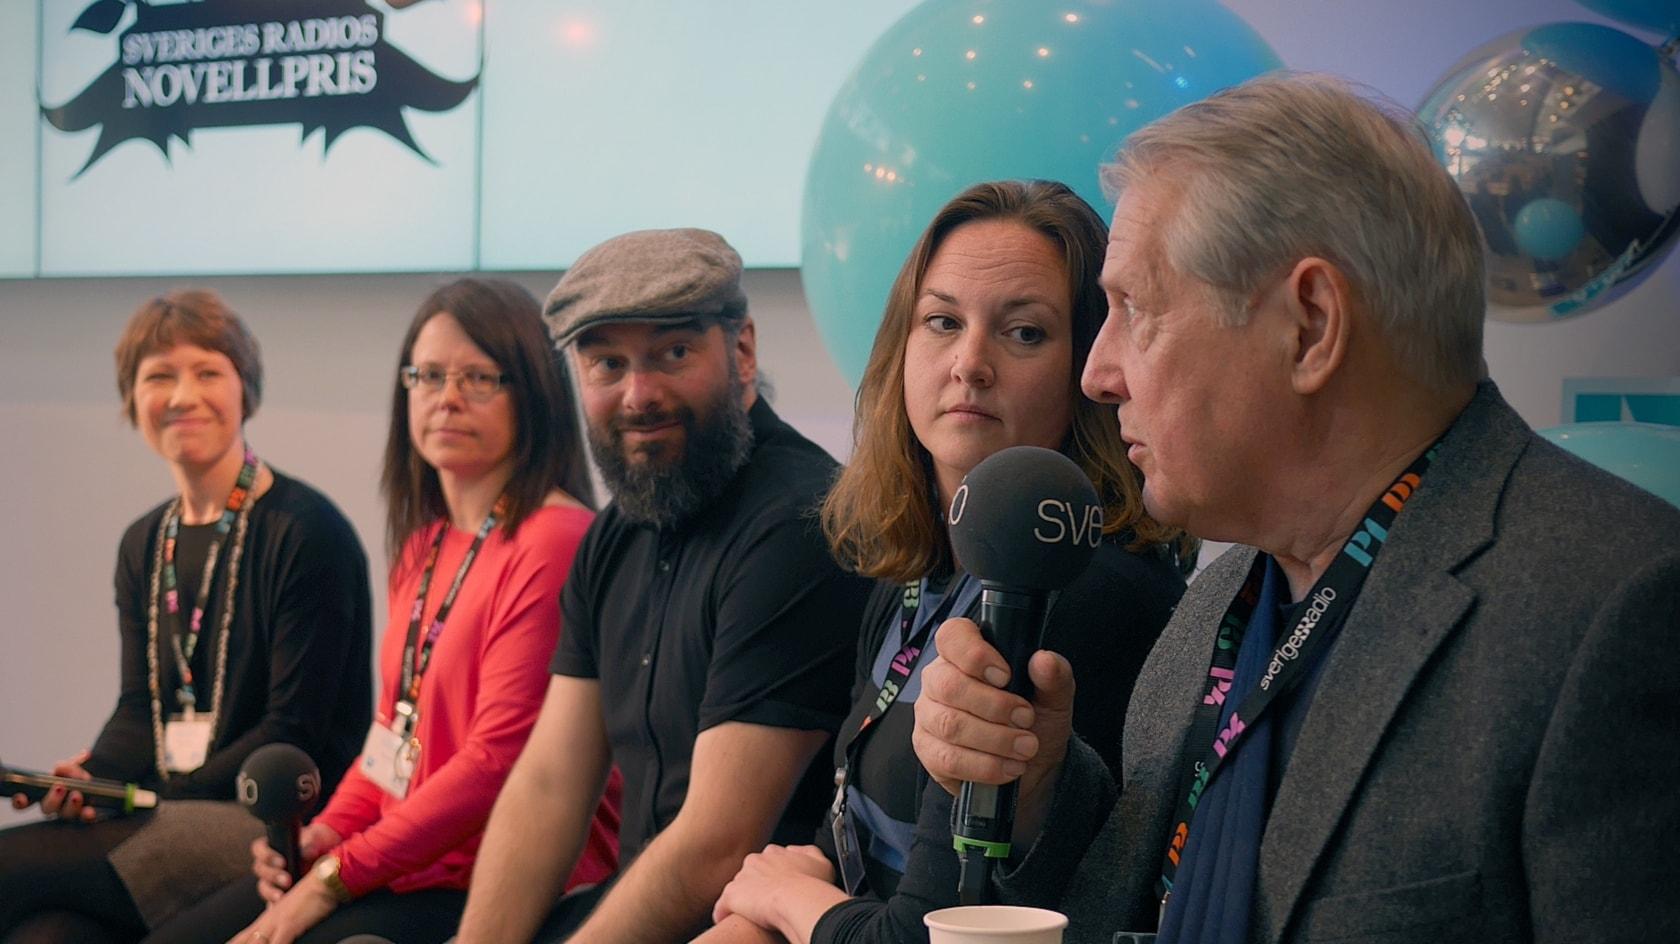 Samtal på scen med de nominerade till Sveriges Radios Novellpris 2018